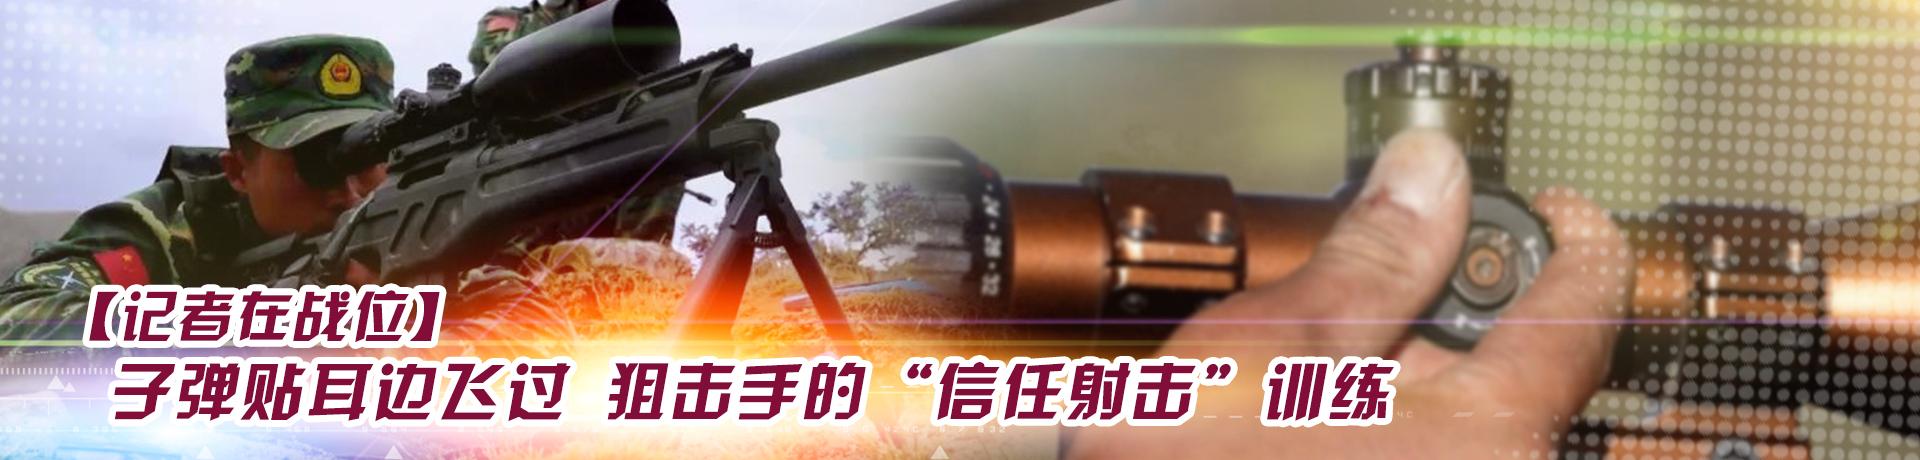 """【记者在战位】子弹贴耳边飞过 狙击手的""""信任射击""""训练"""